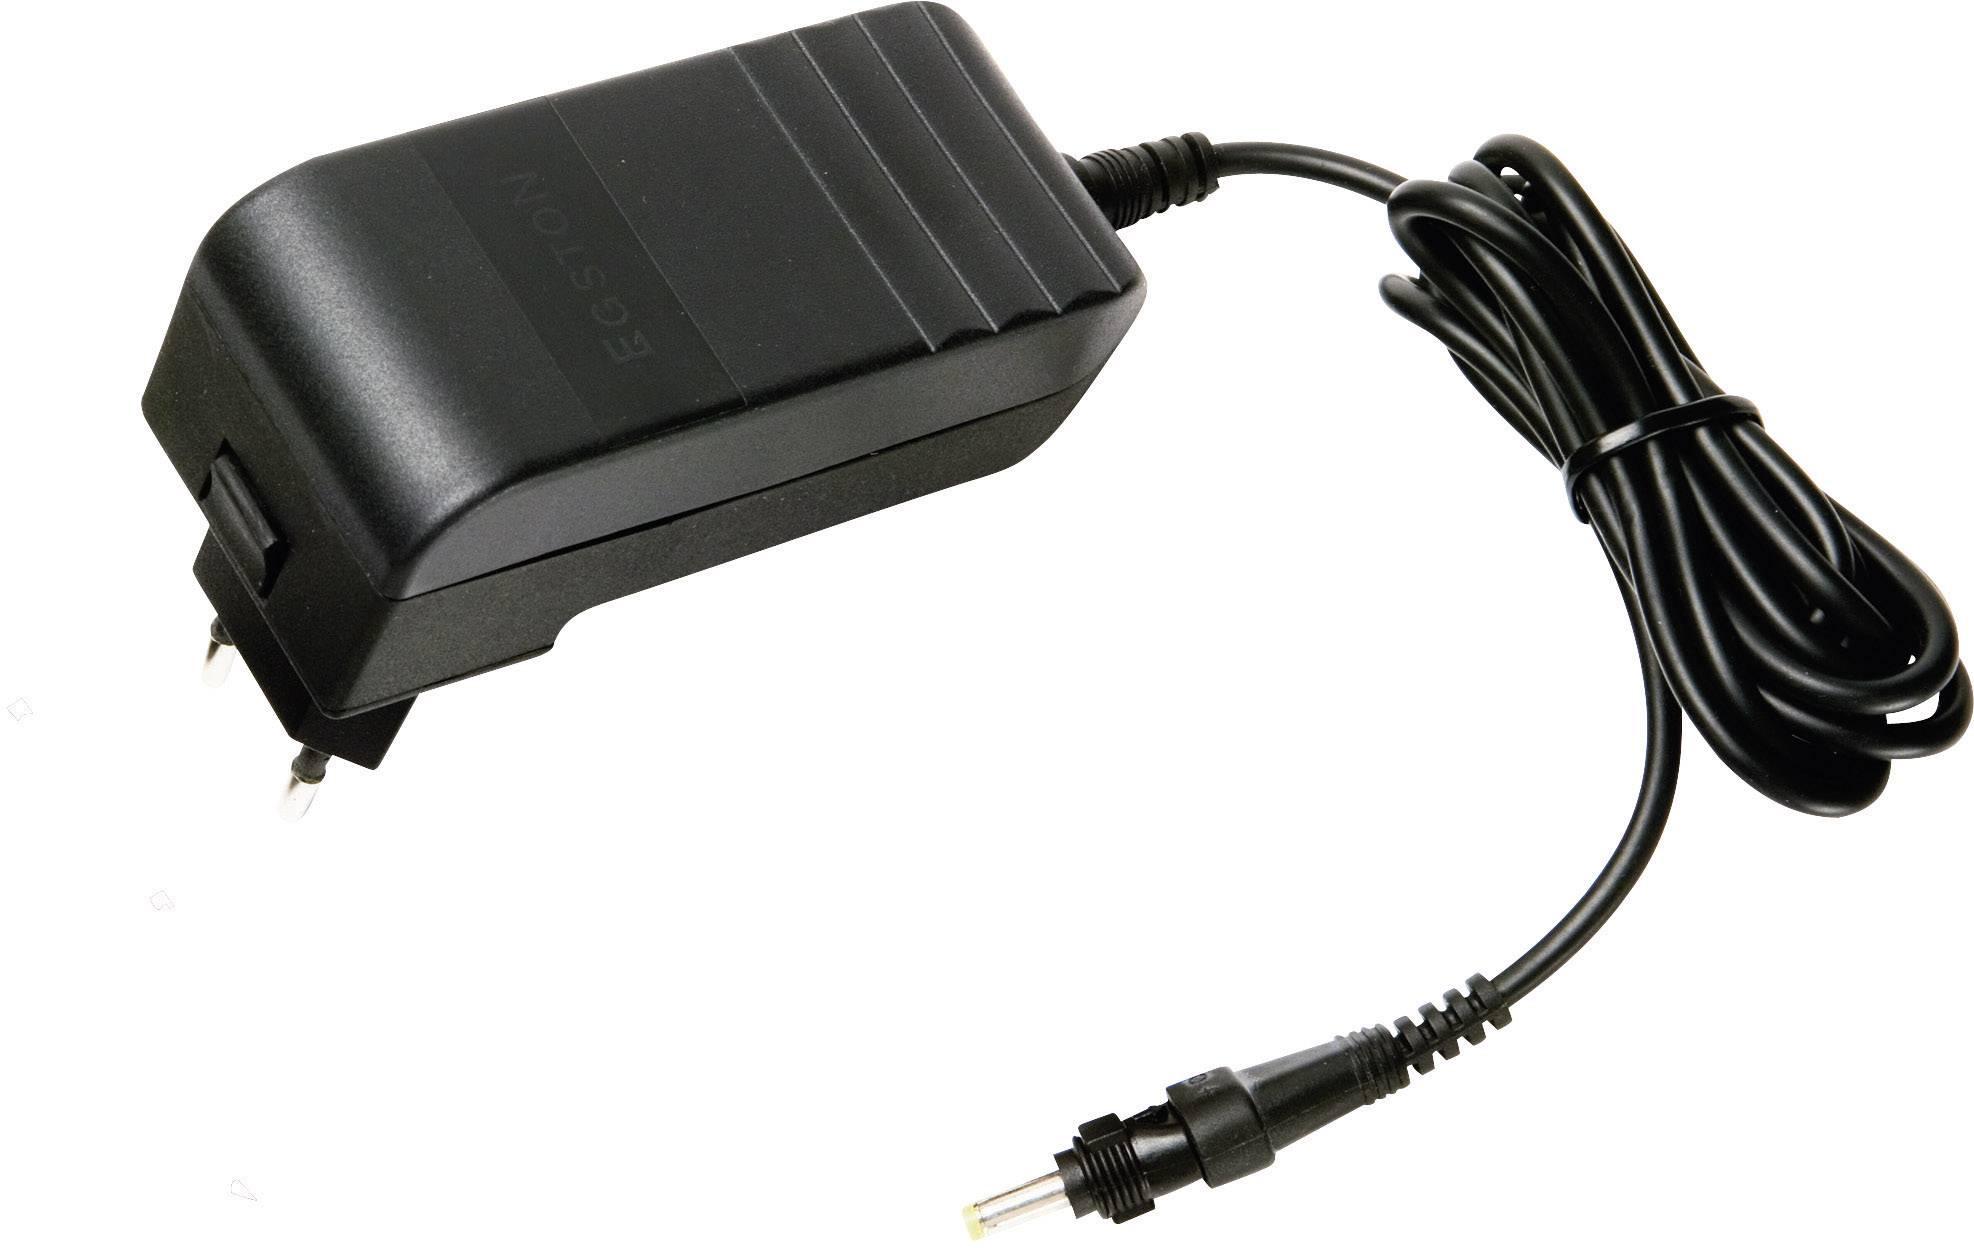 Zásuvkový adaptér so stálym napätím Egston 003920143, 30 W, 2.5 A